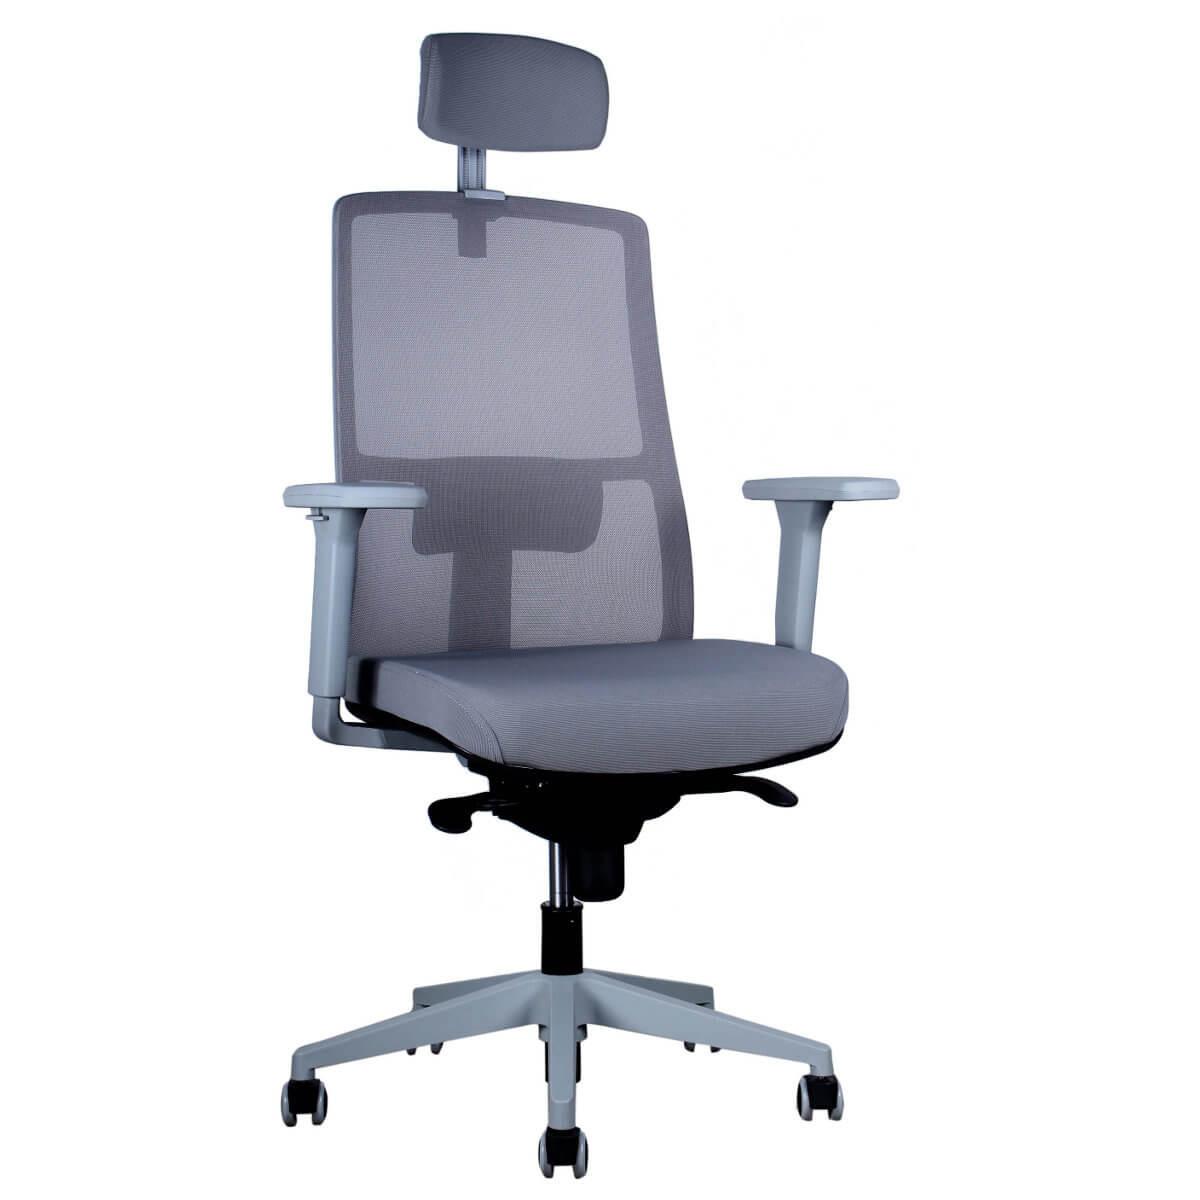 silla de escritorio ajustable